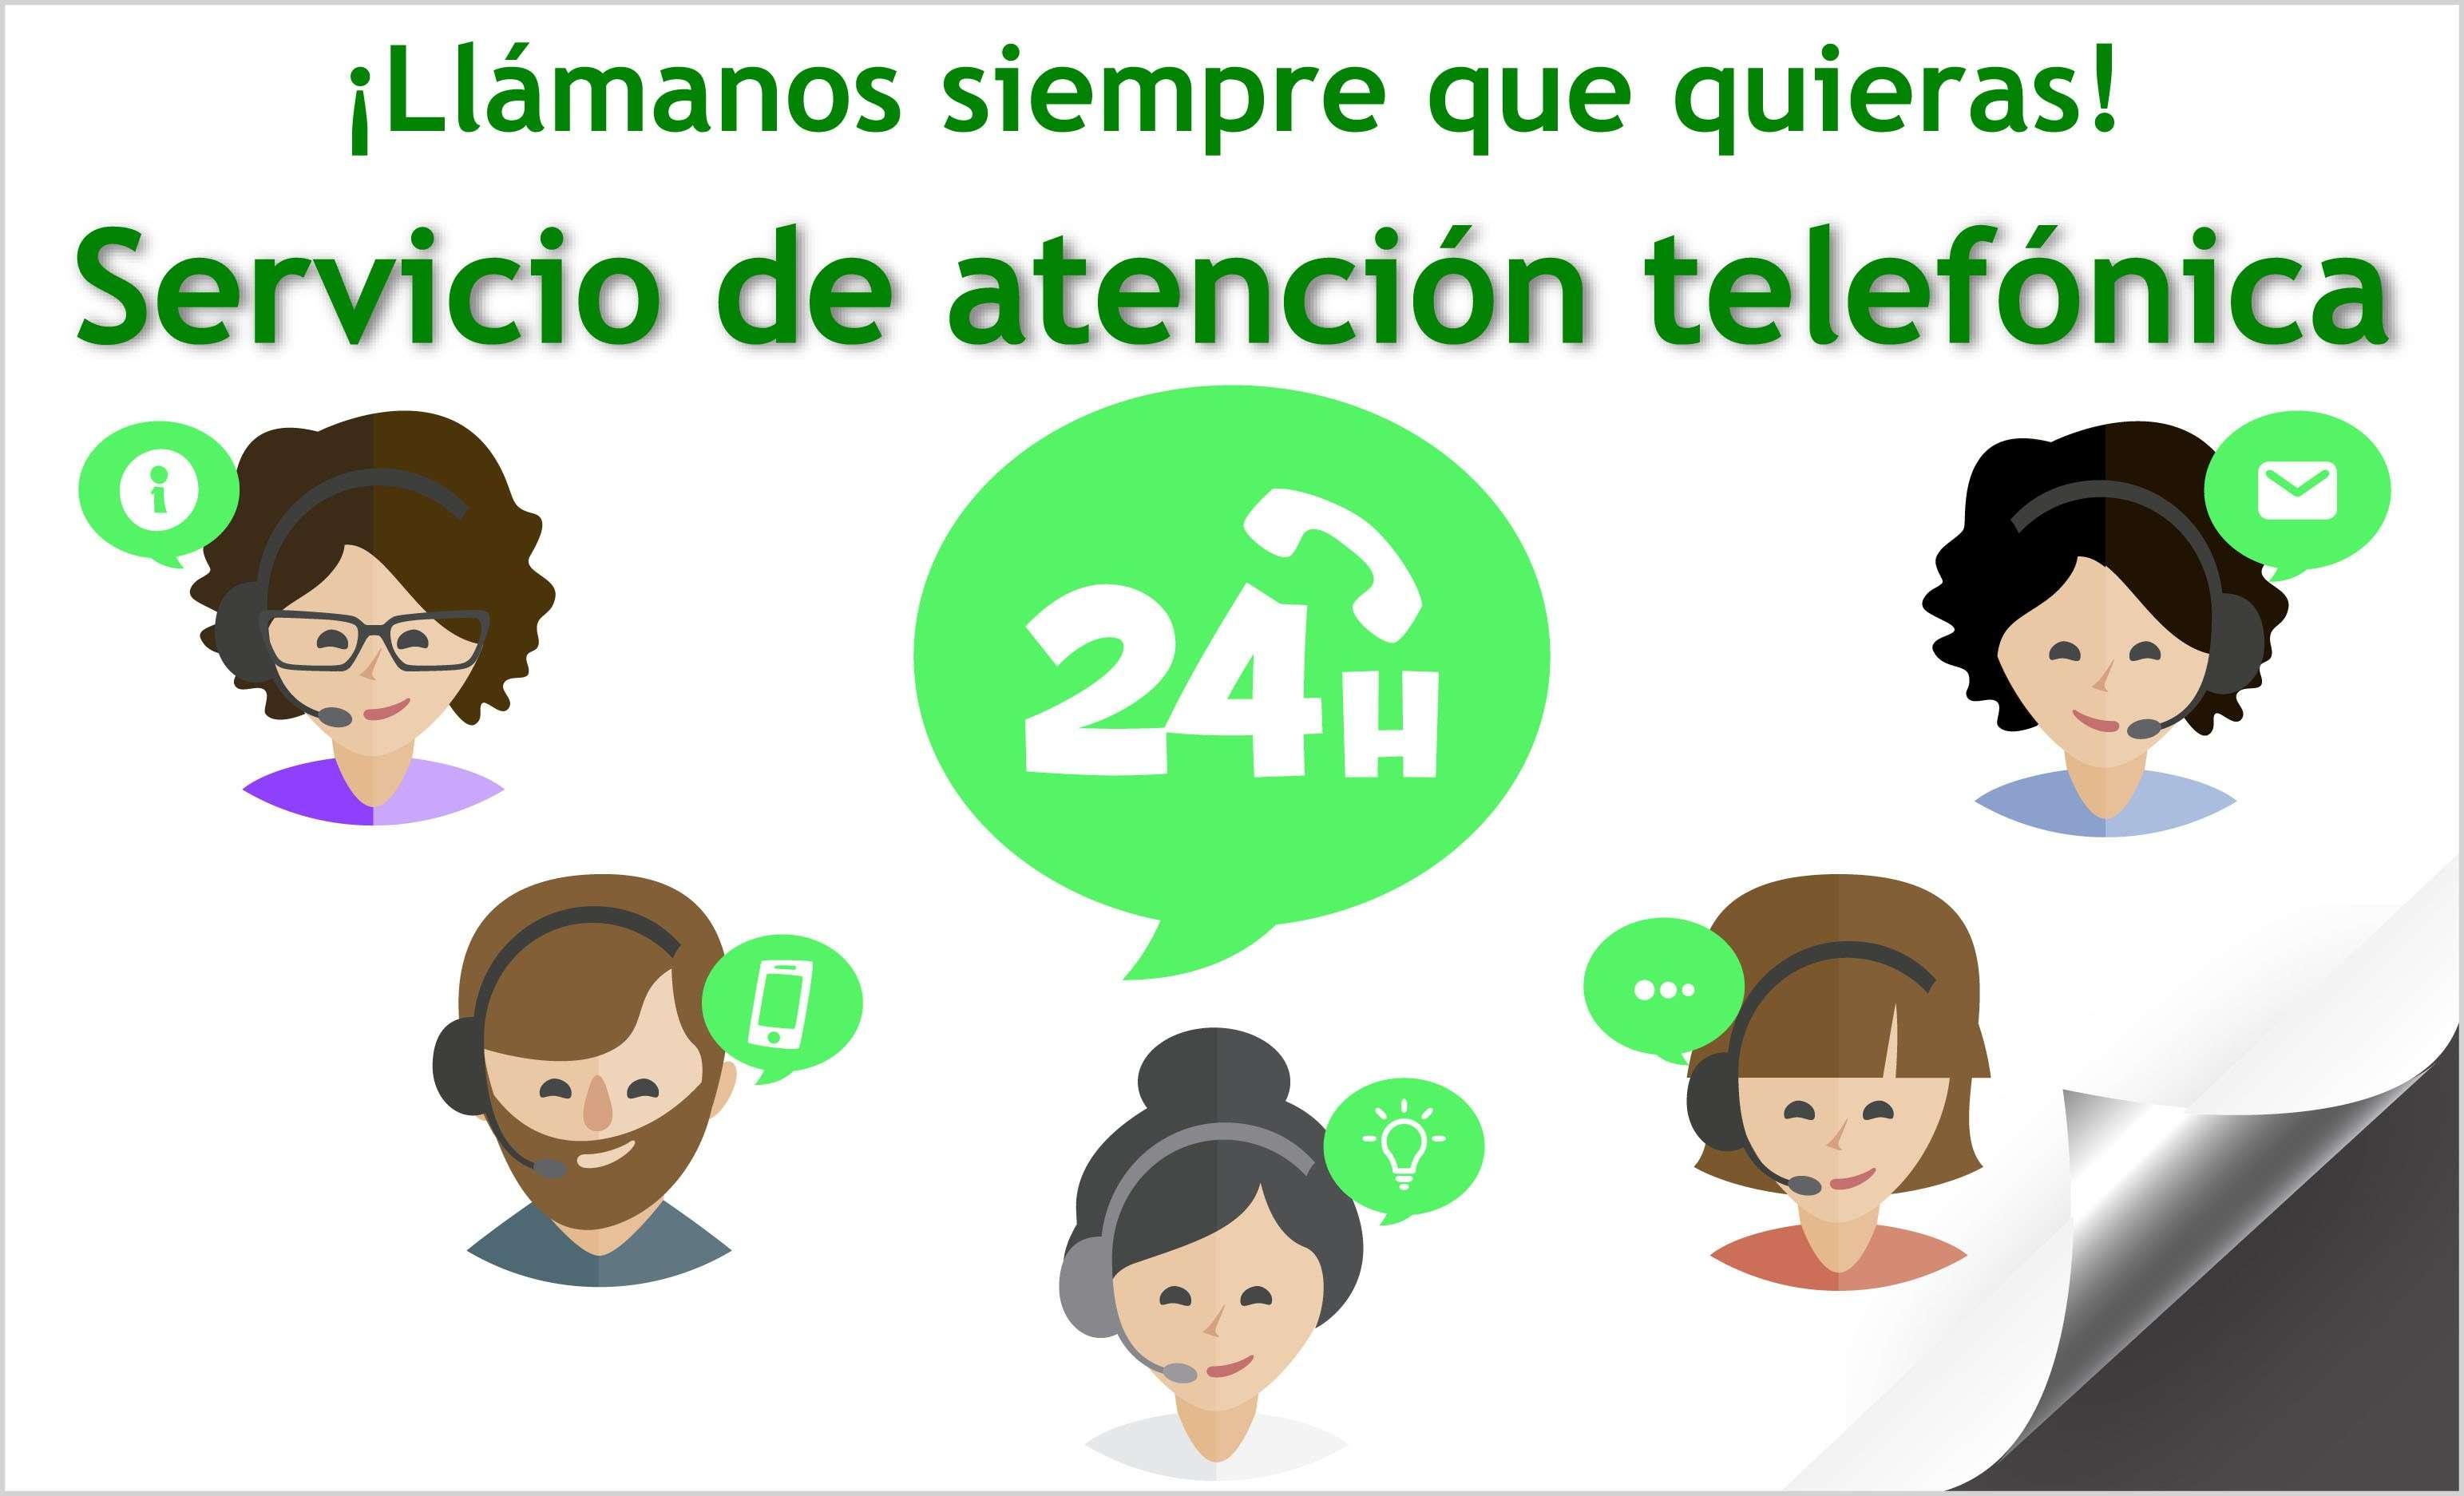 Servicio de Atención Telefónica 24 horas